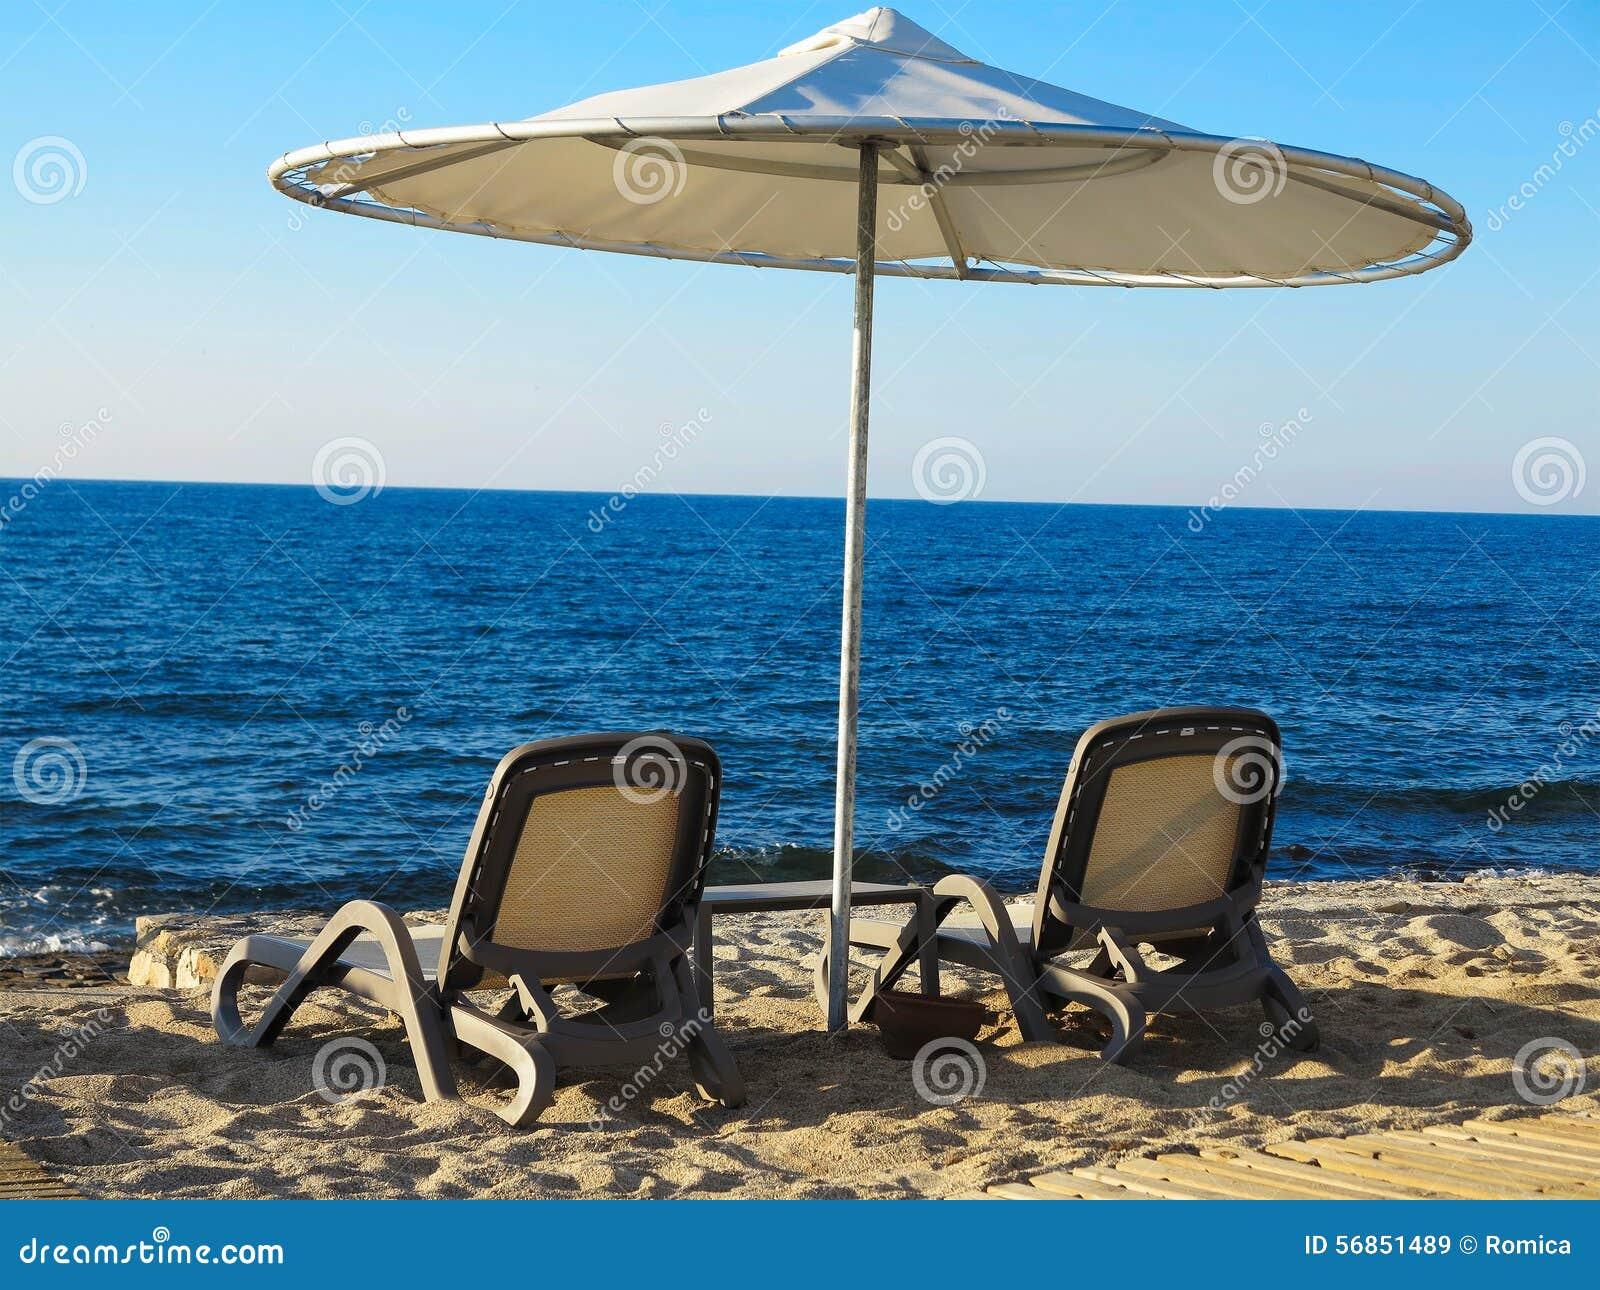 La Sdraia O La Sdraio.Two Deckchairs And Umbrella On Blue Sea Sand Beach Stock Image